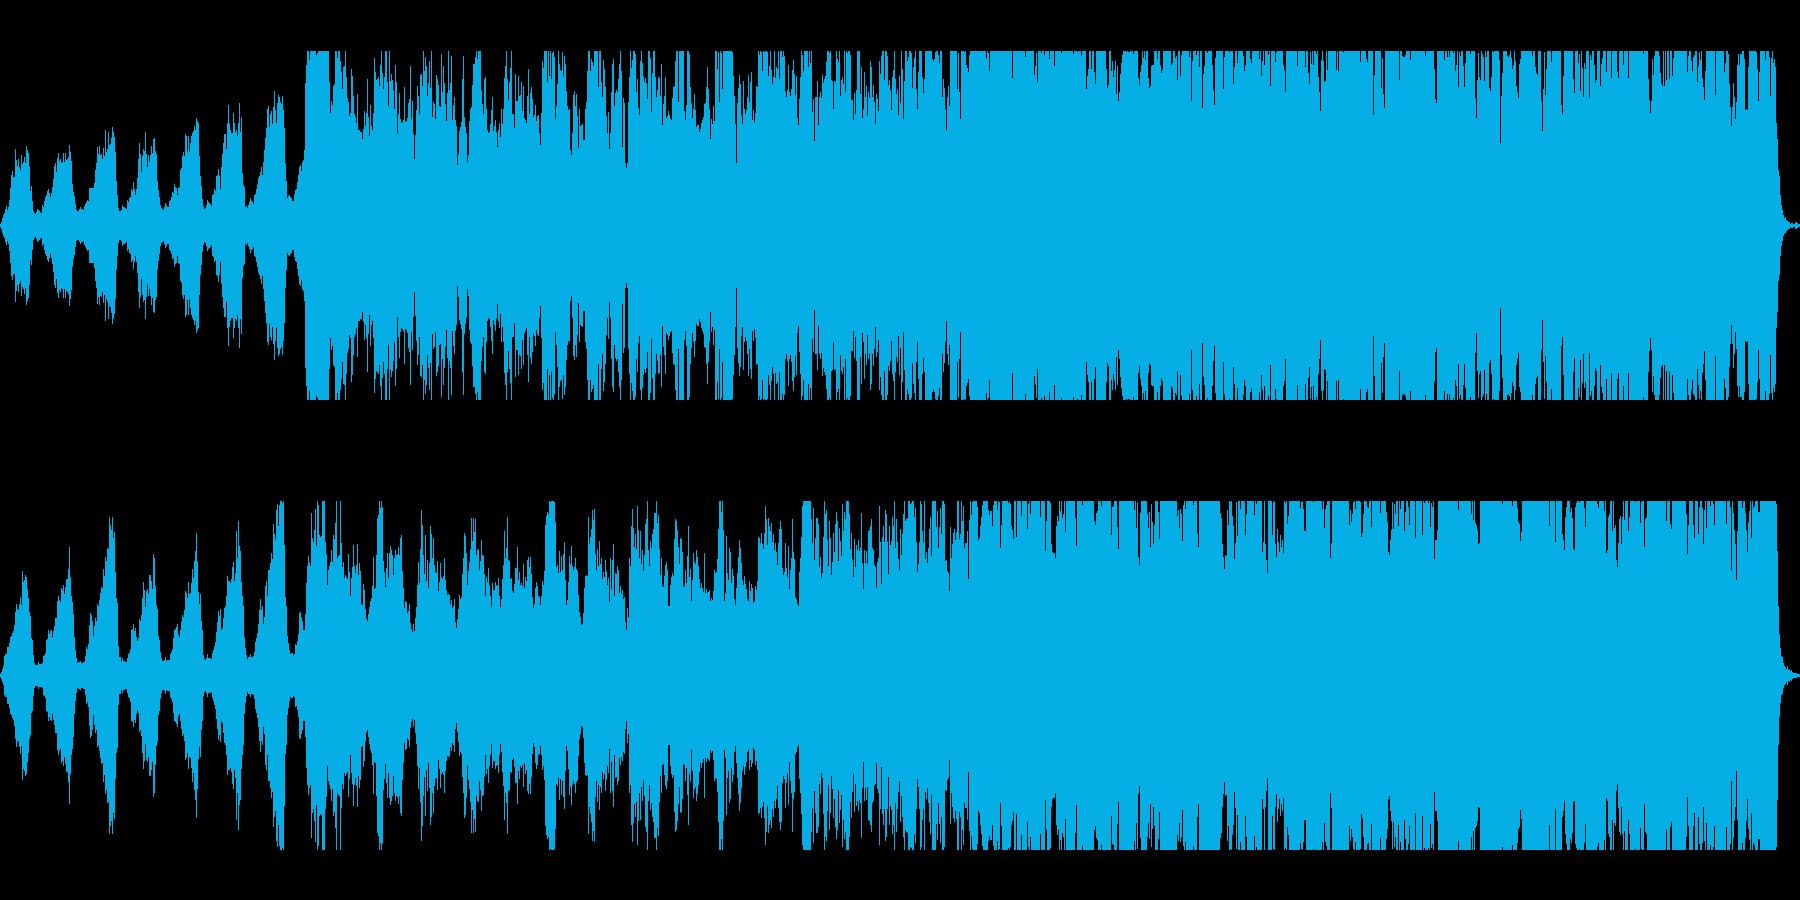 和風/大河ドラマ壮大な切ないオーケストラの再生済みの波形